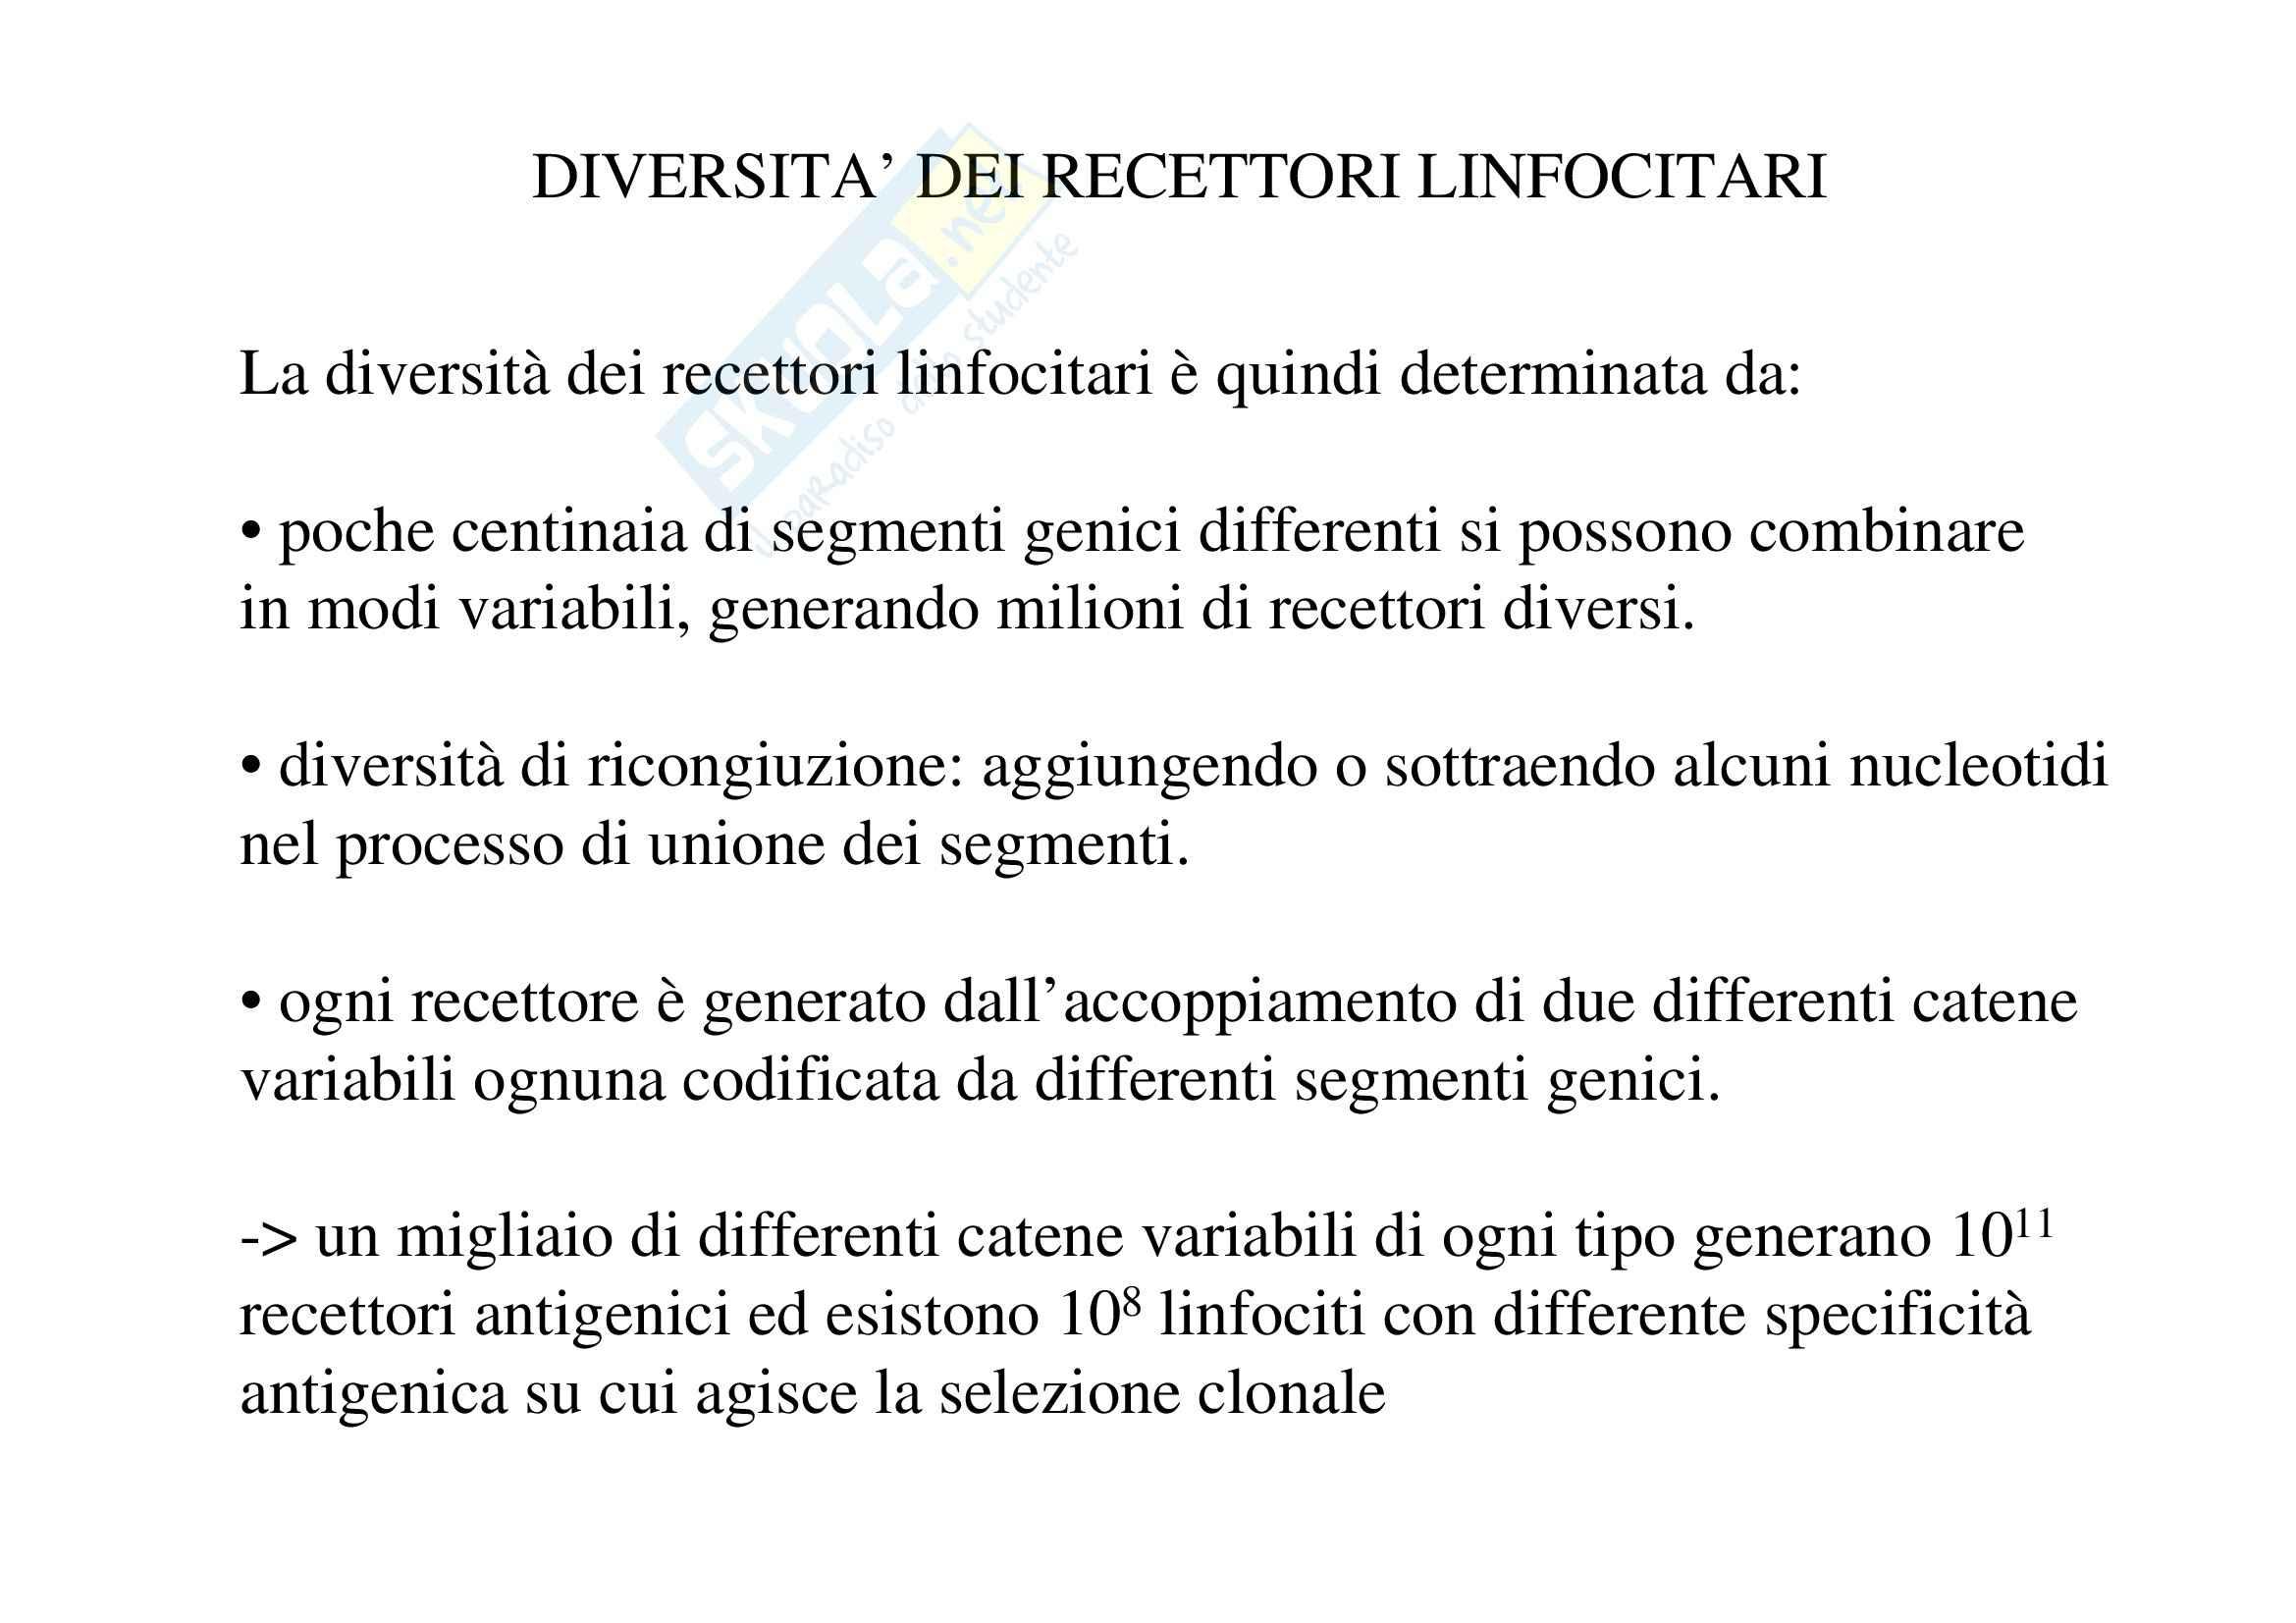 Immunologia - diversità recettori linfocitari